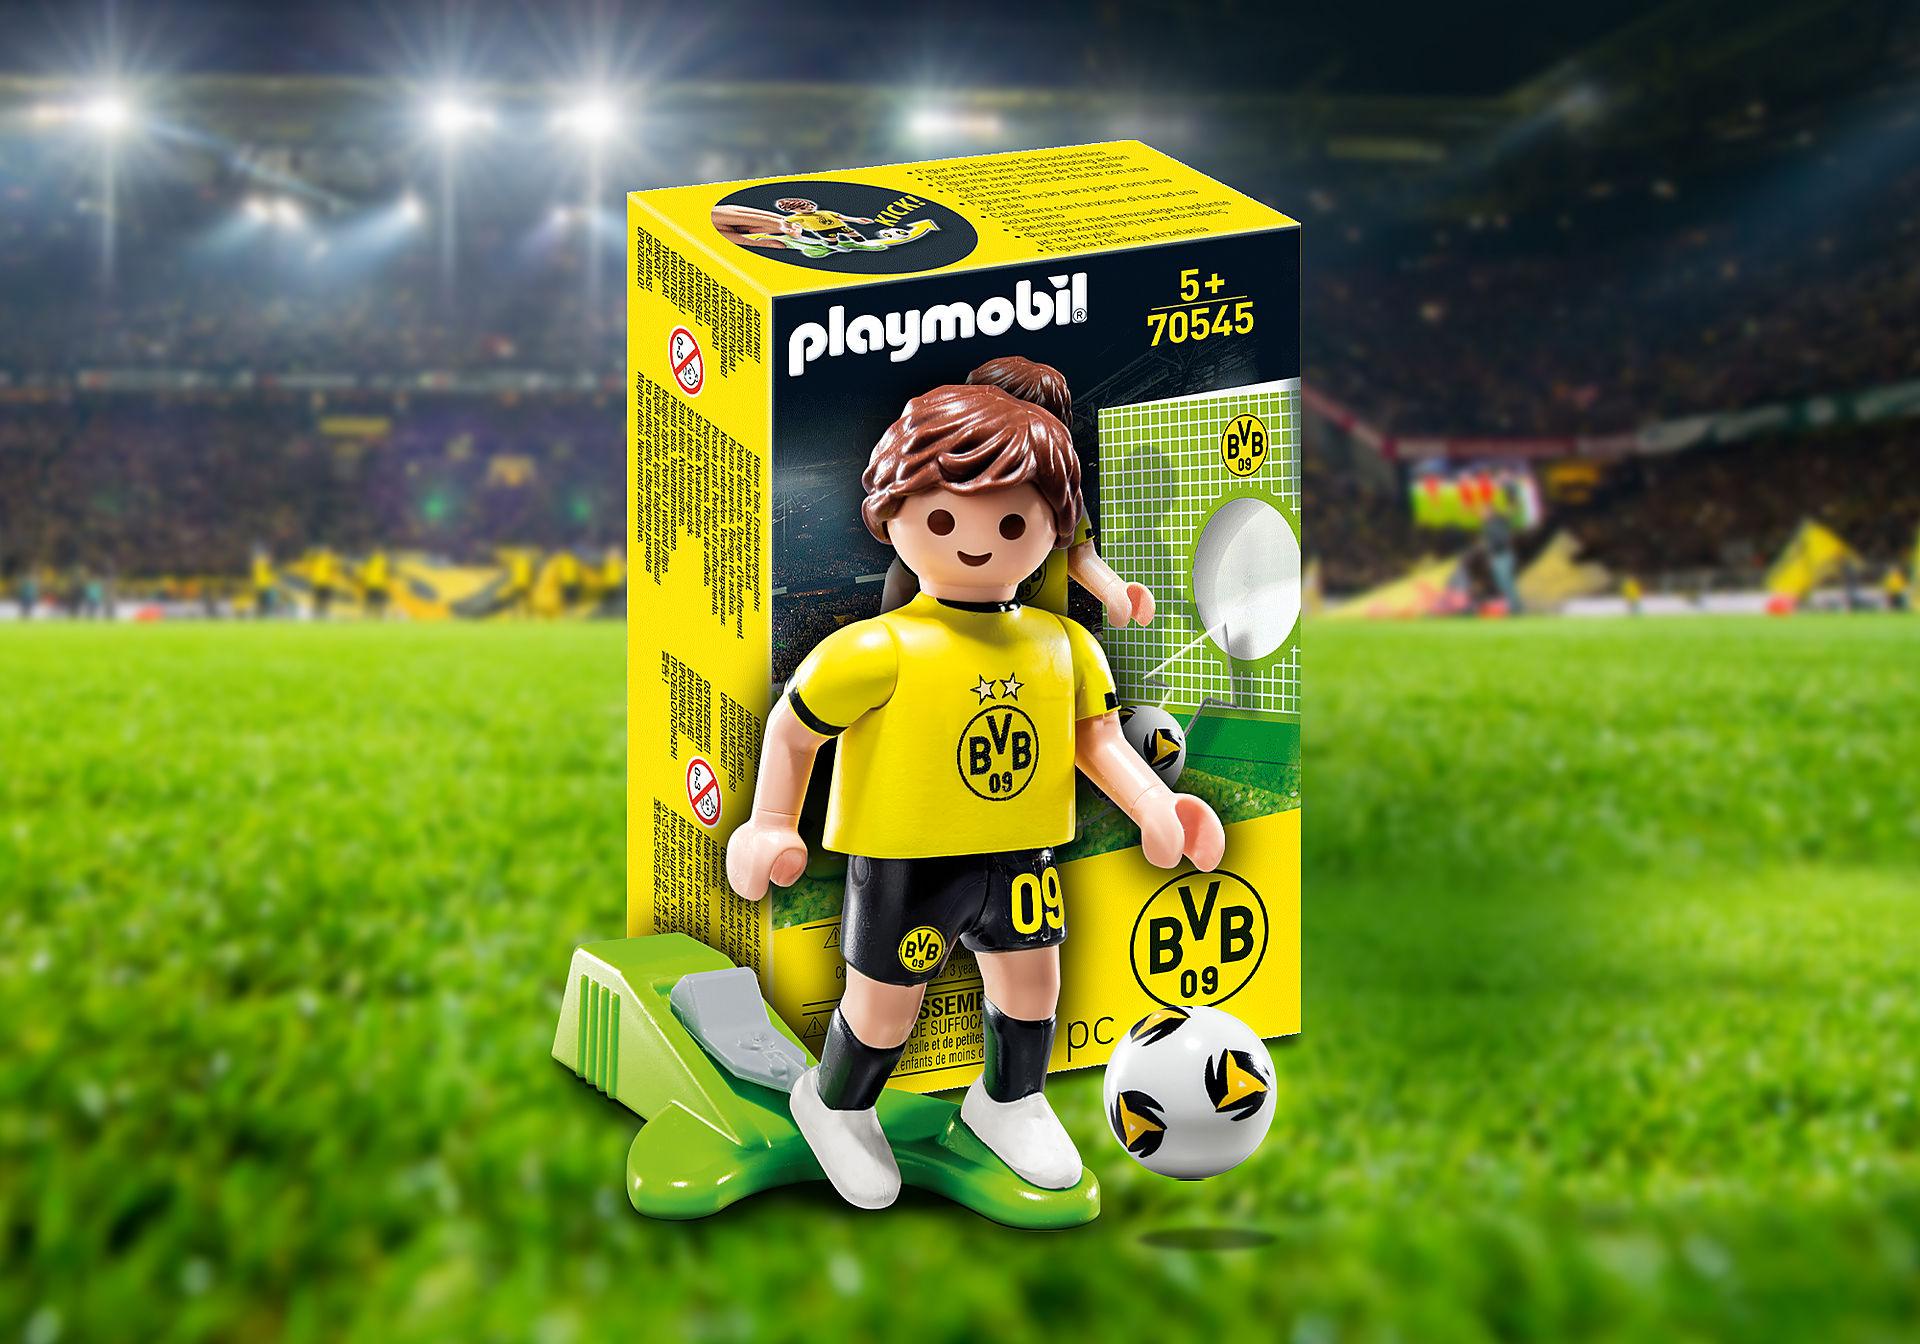 70545 Promo BVB jugador de fútbol zoom image1